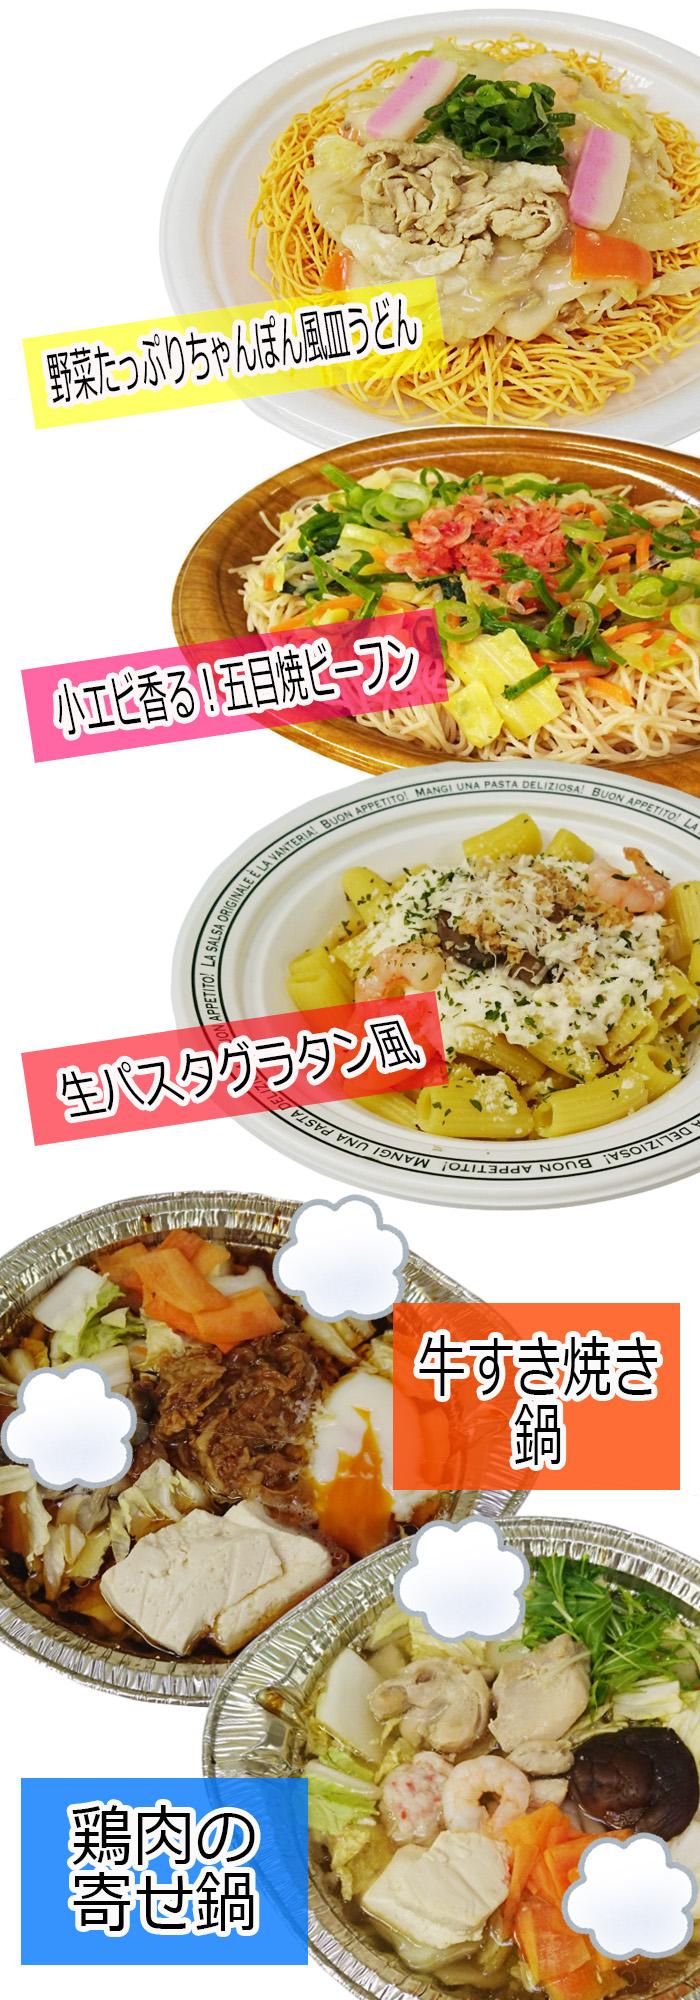 2月スナック麺惣菜